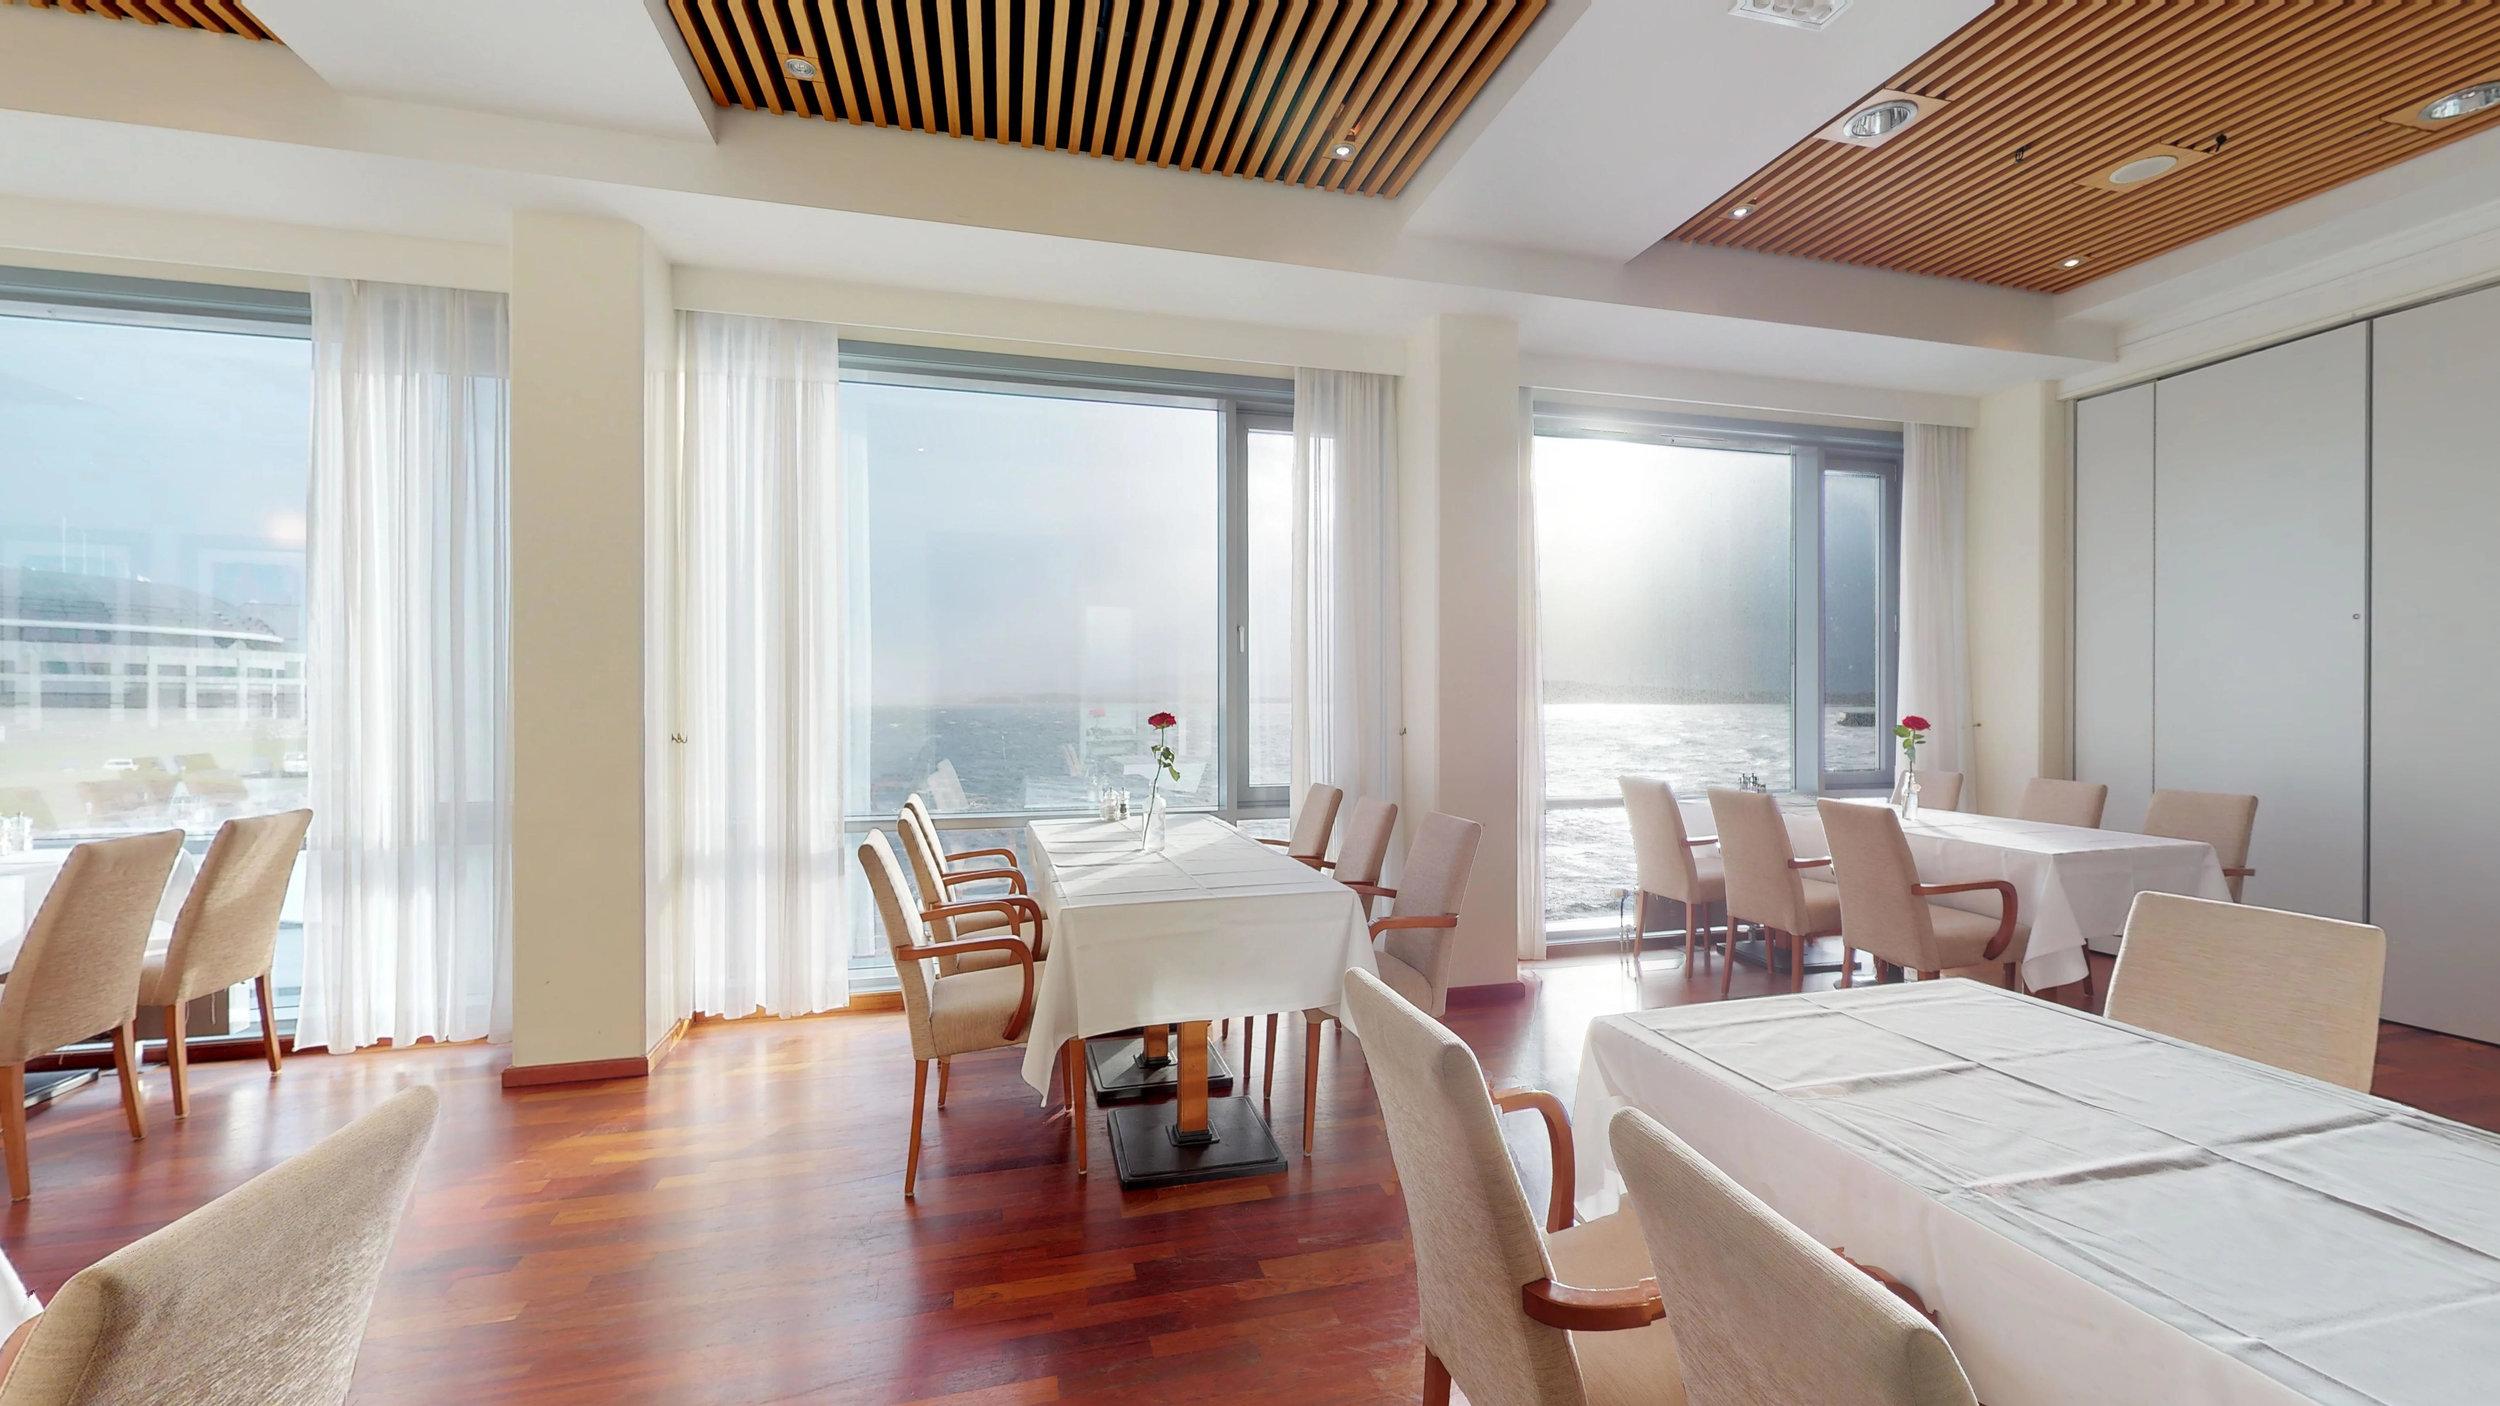 Seilet-Restaurant-Lobby-og-Bjrnsonsalen-10232018_103332.jpg